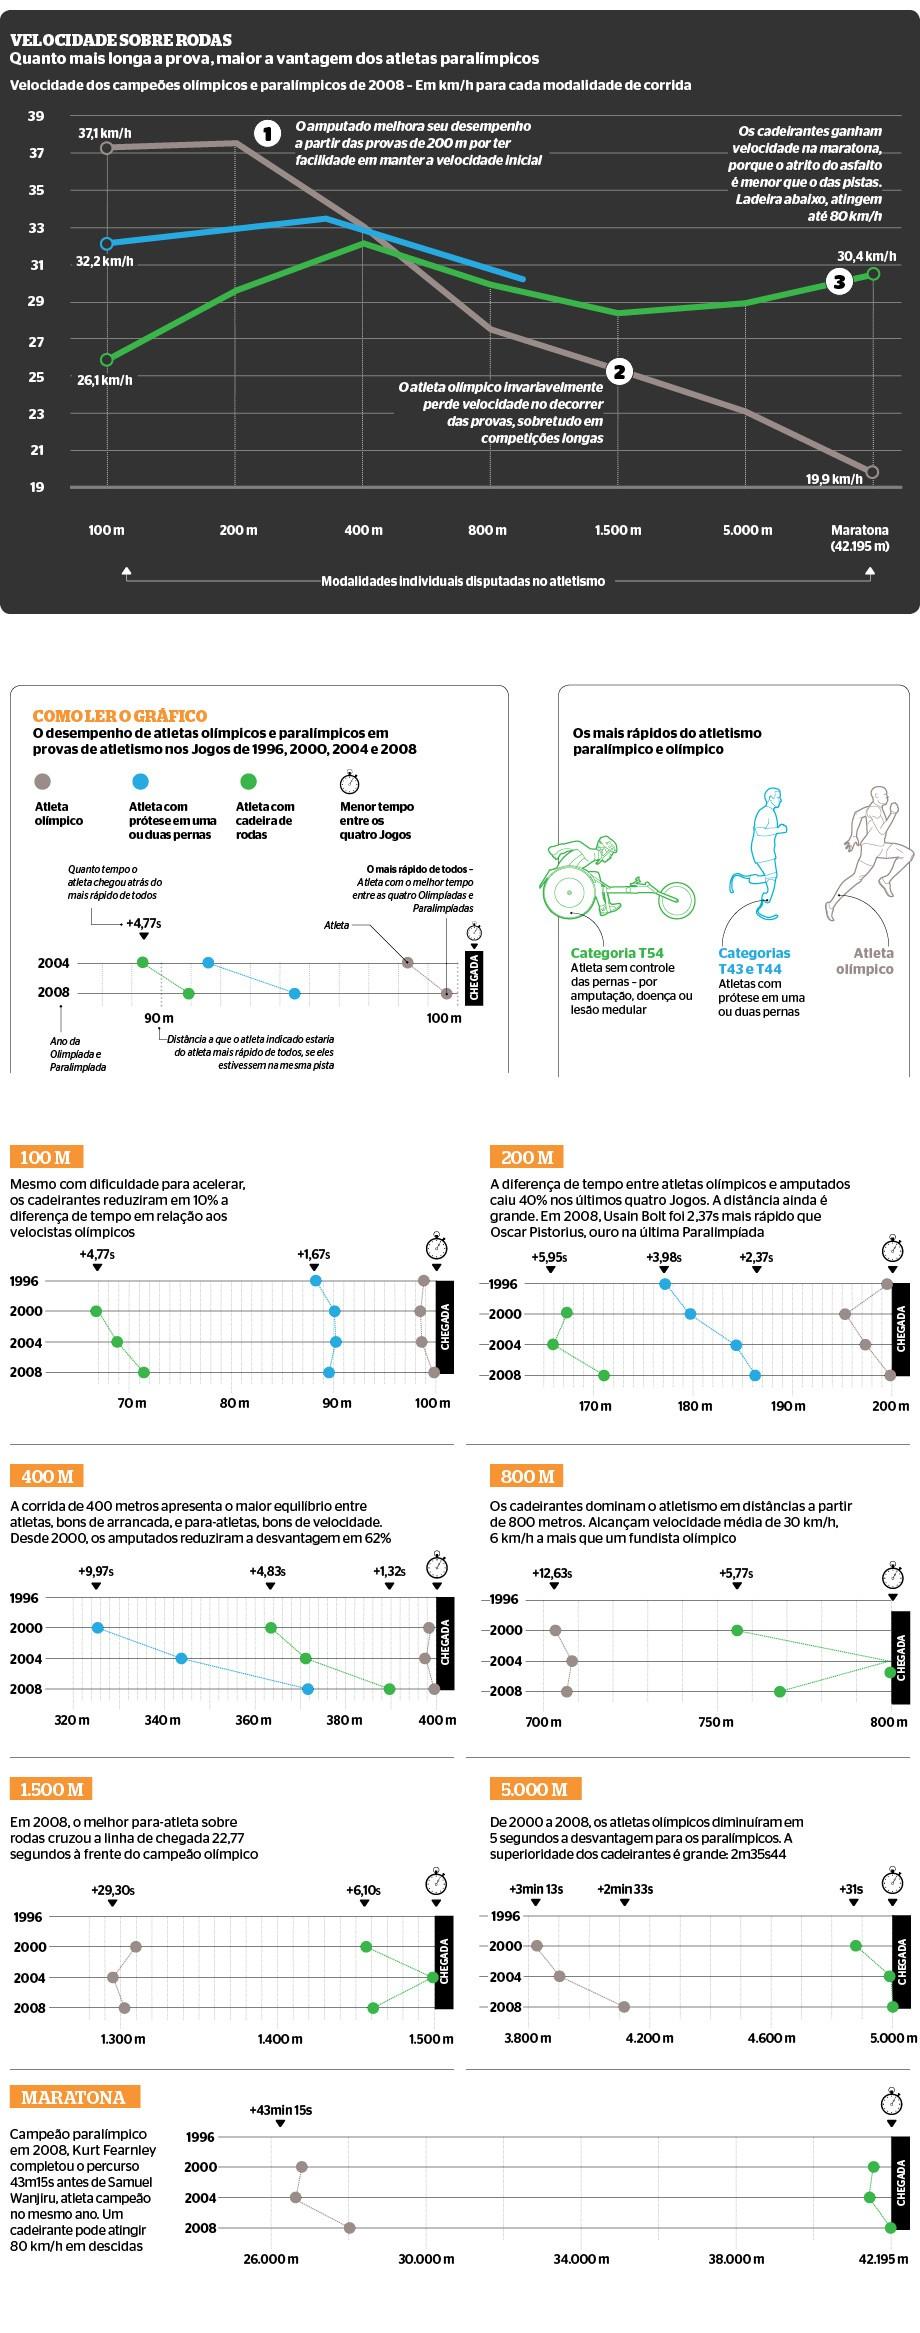 Diagrama 745 disparada atletas paralimpicos v2 (Foto: Infografia Epoca)